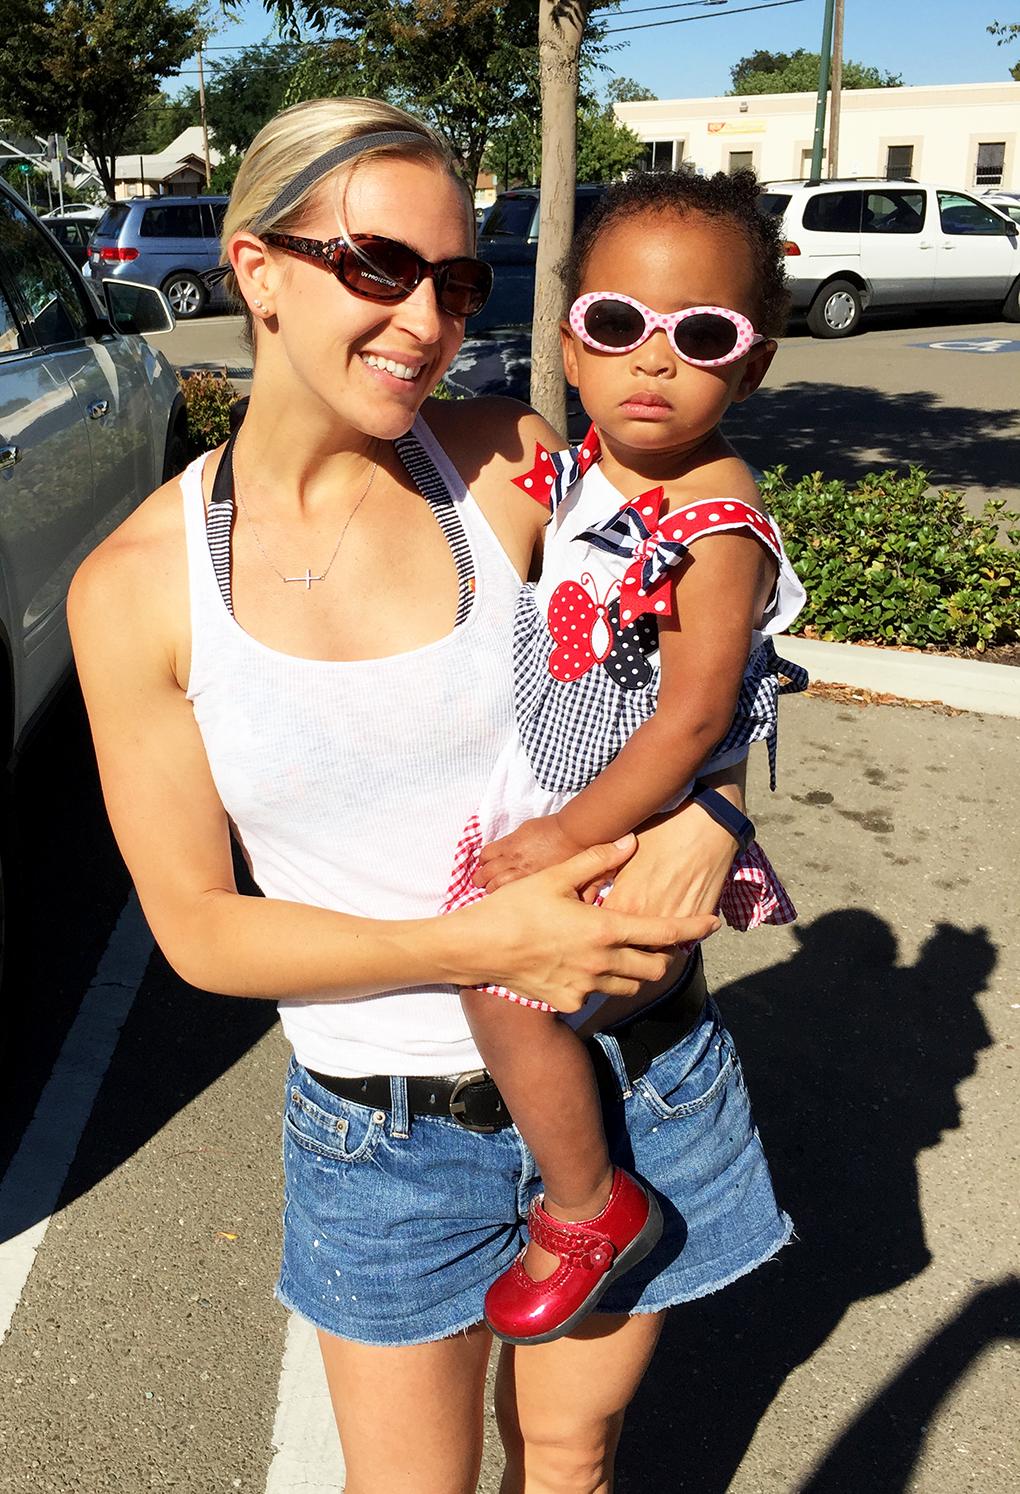 Meet Samarah Josephina Hoffman Adoption Gotcha Day sarahkayhoffman.com